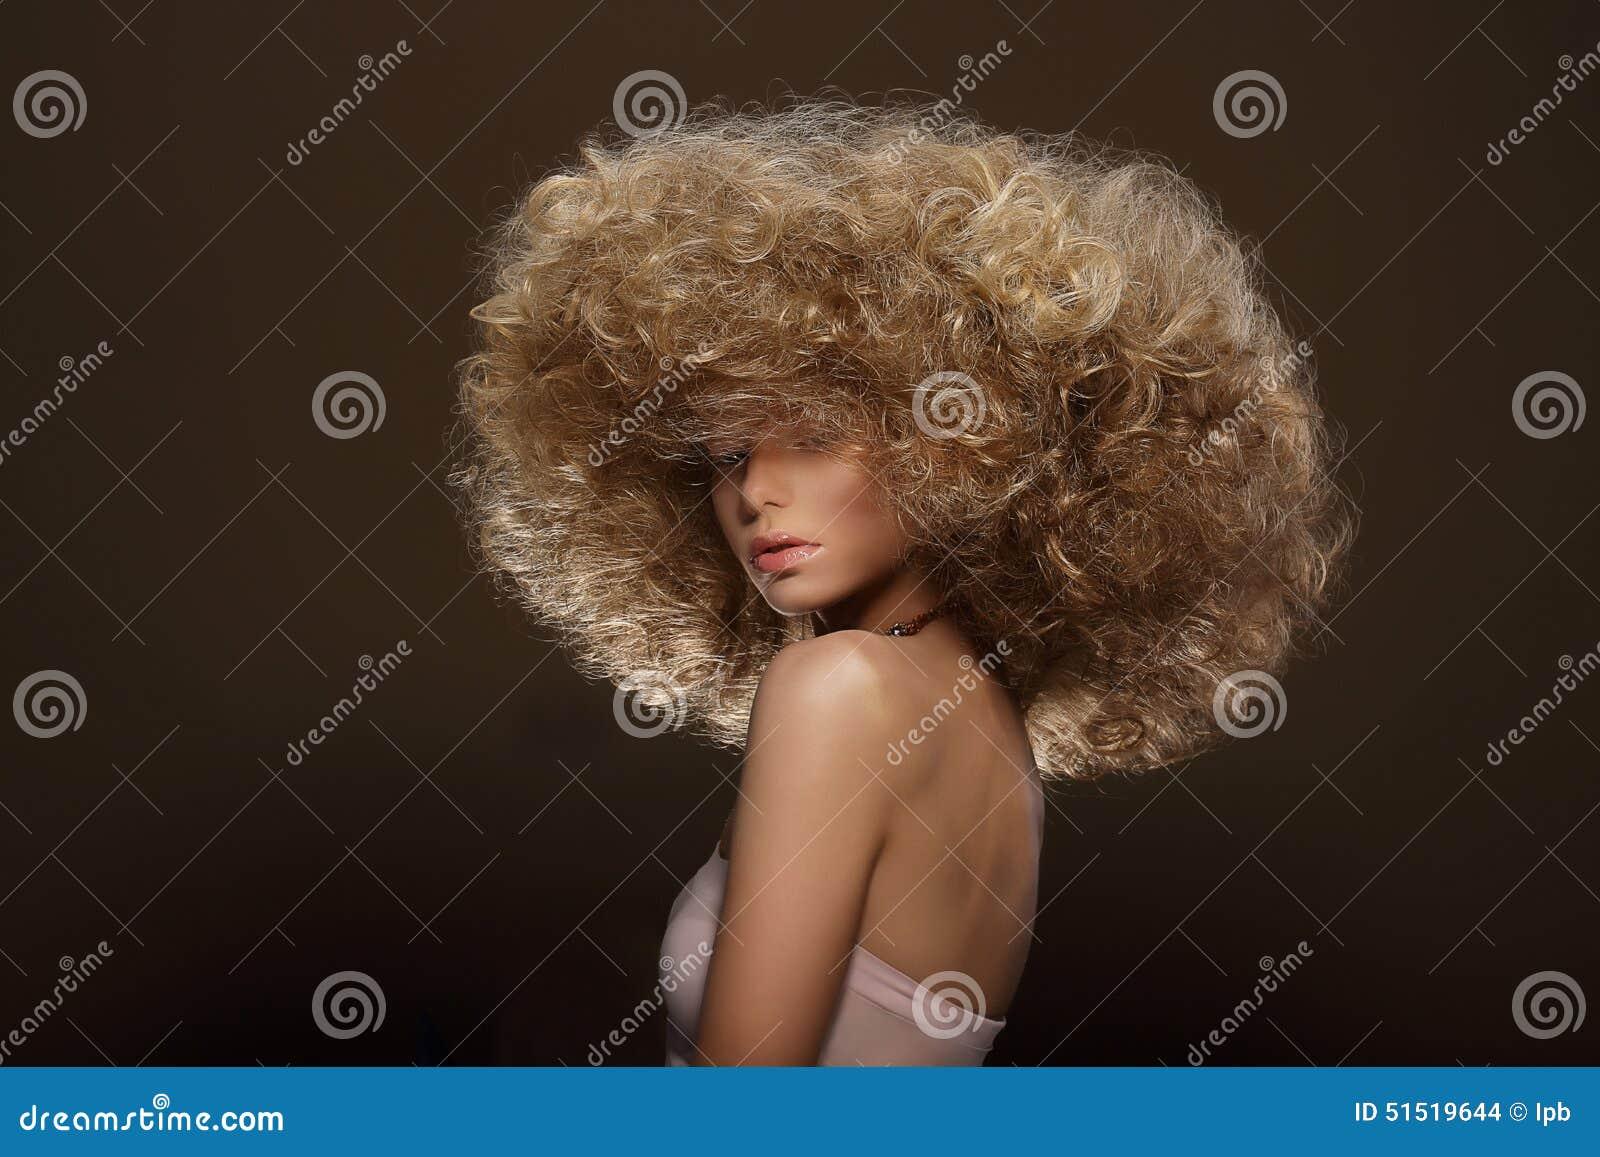 Updo Moda styl Kobieta z Futurystycznym uczesaniem